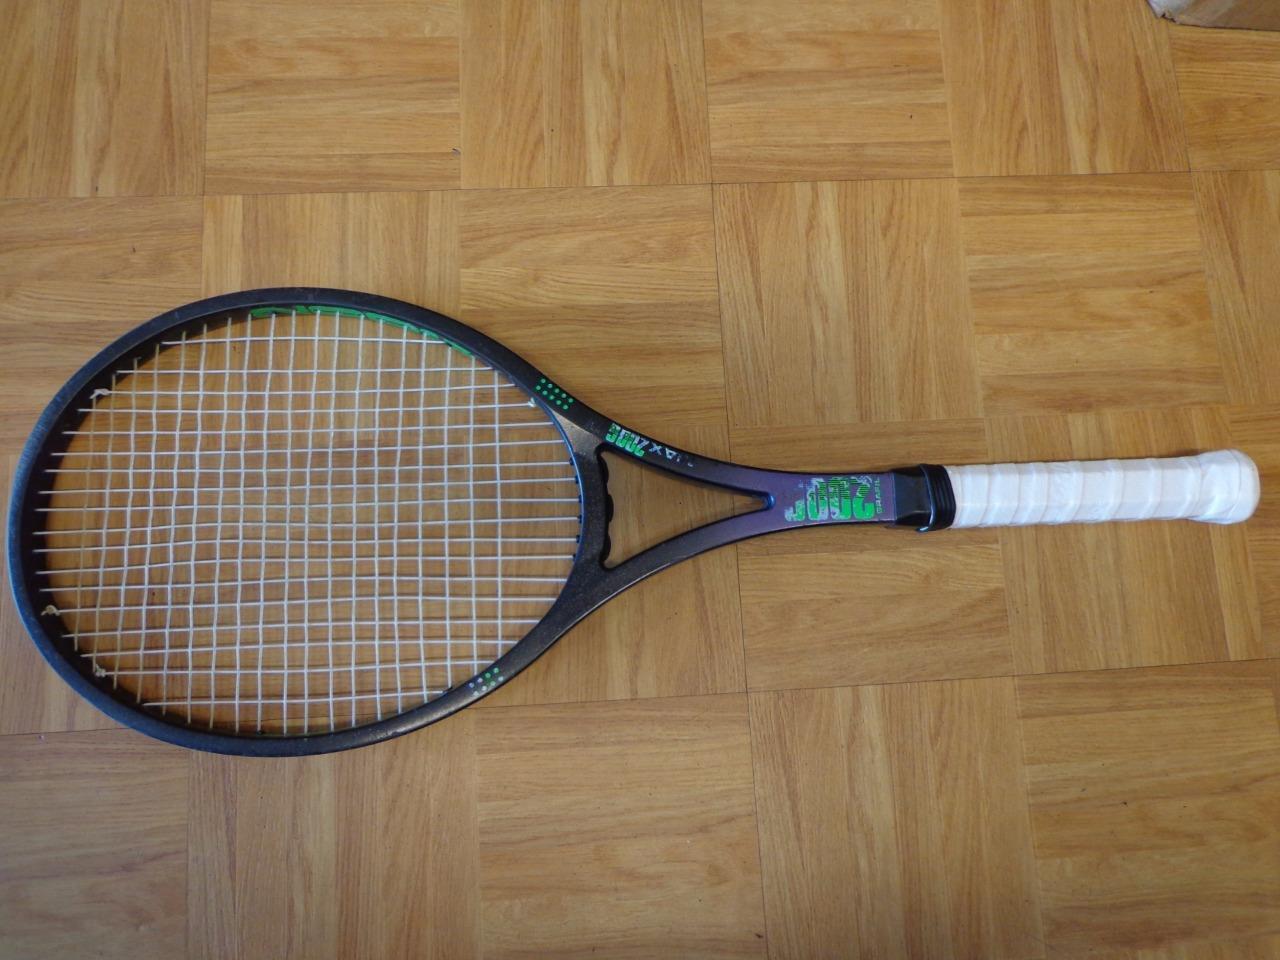 Dunlop MAX PRO 200G Midsize Stefi Graff McEnroe 4 1 2 grip Tennis Racquet